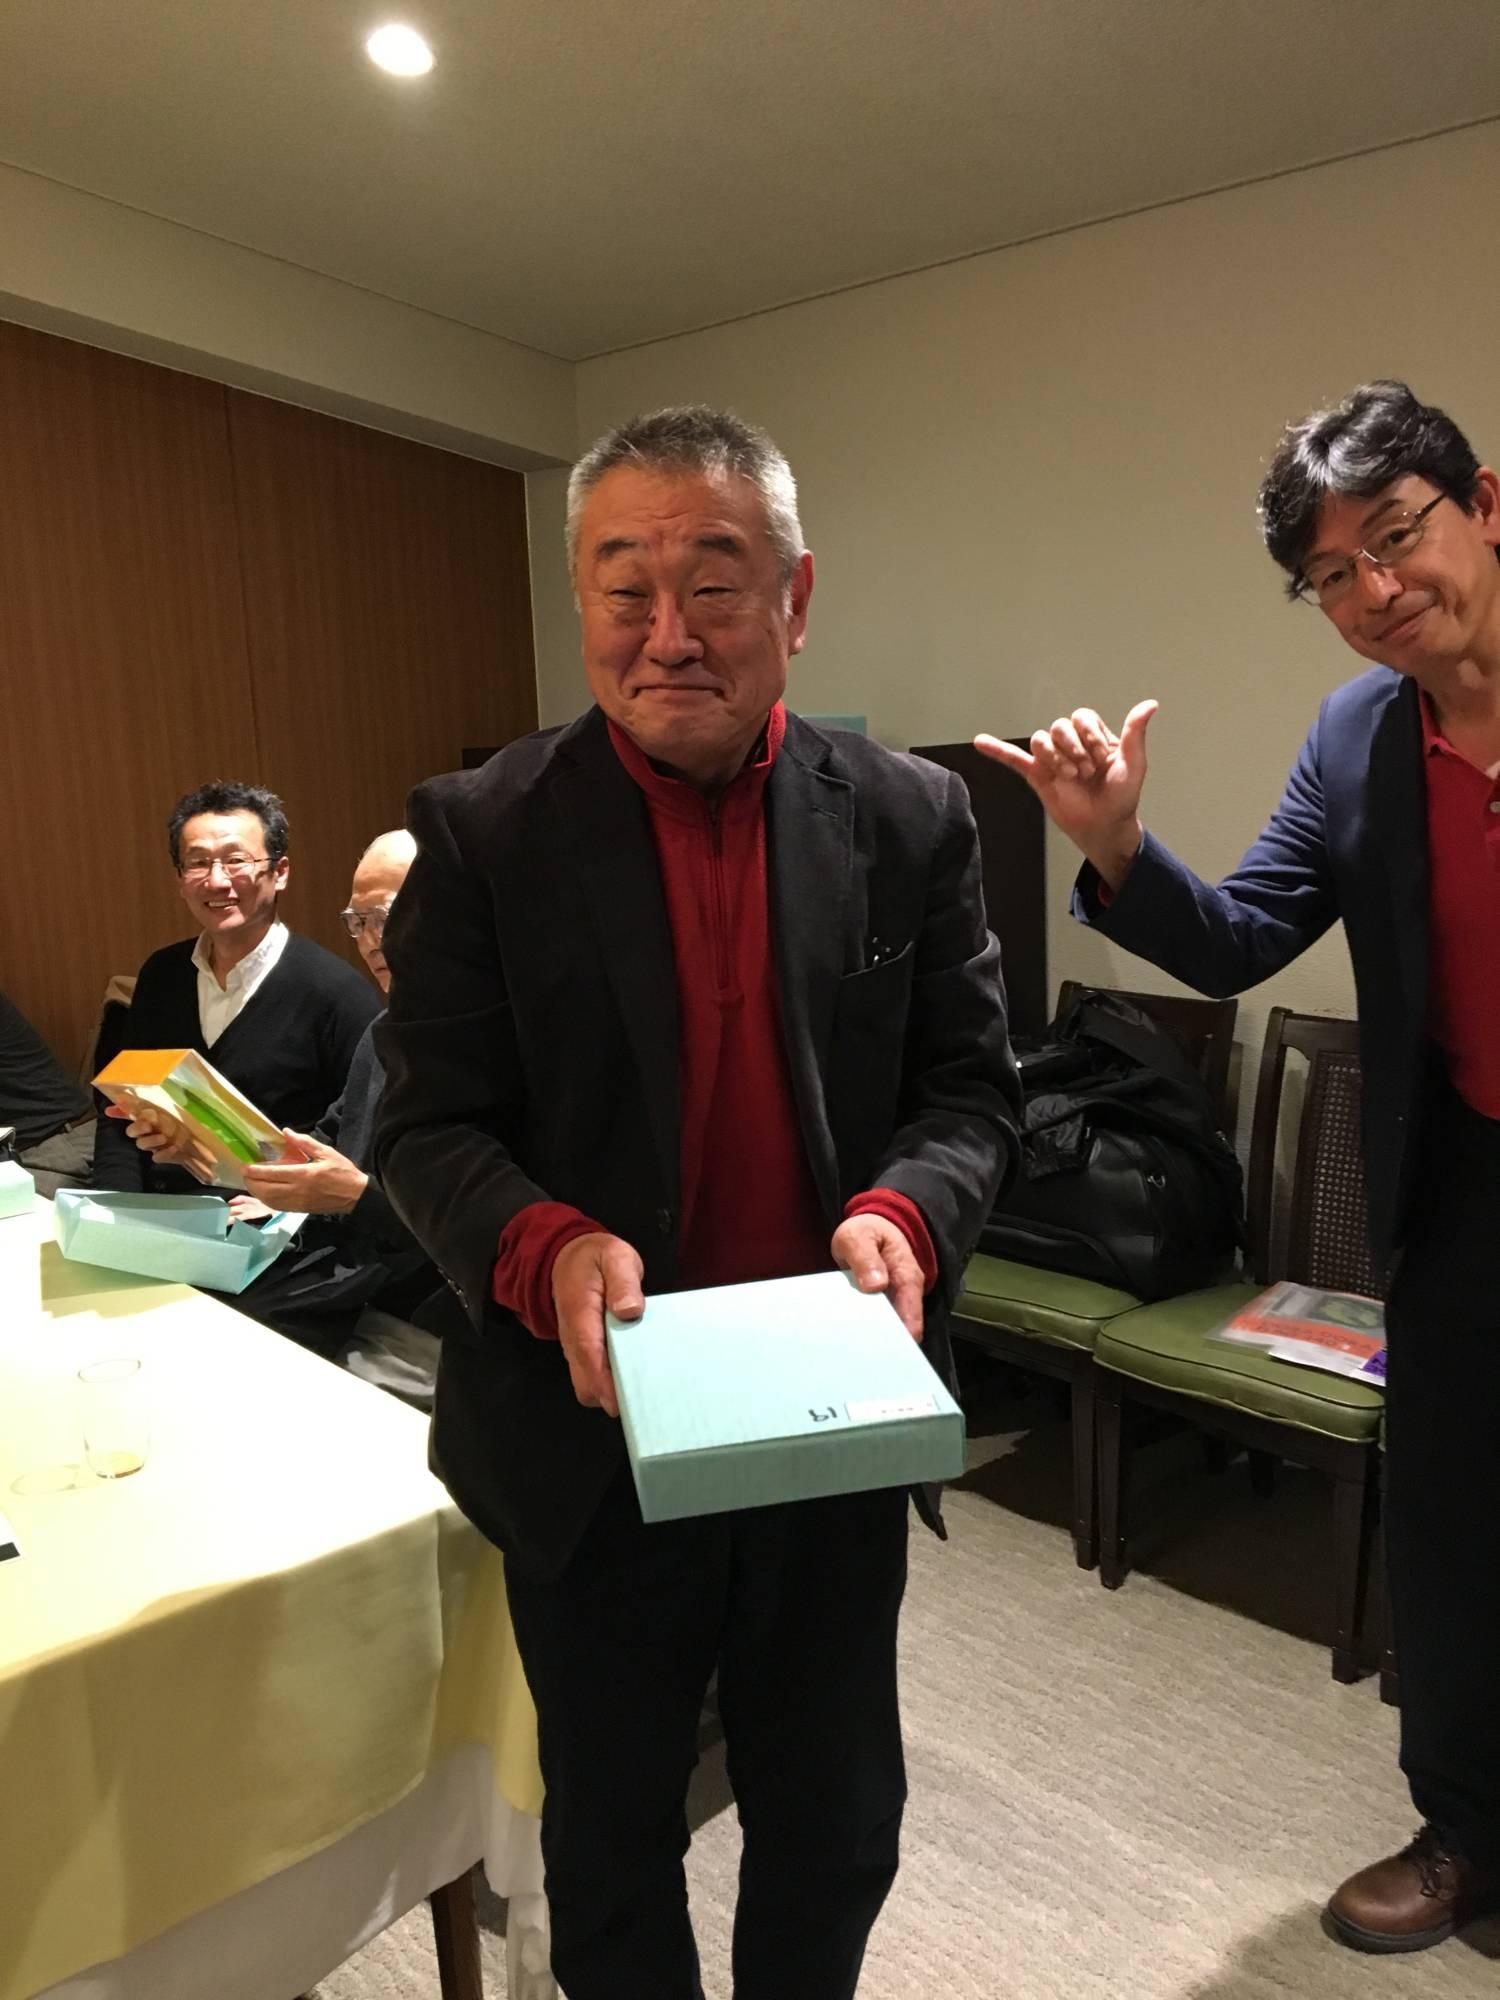 第19位太田氏と幹事の山田氏